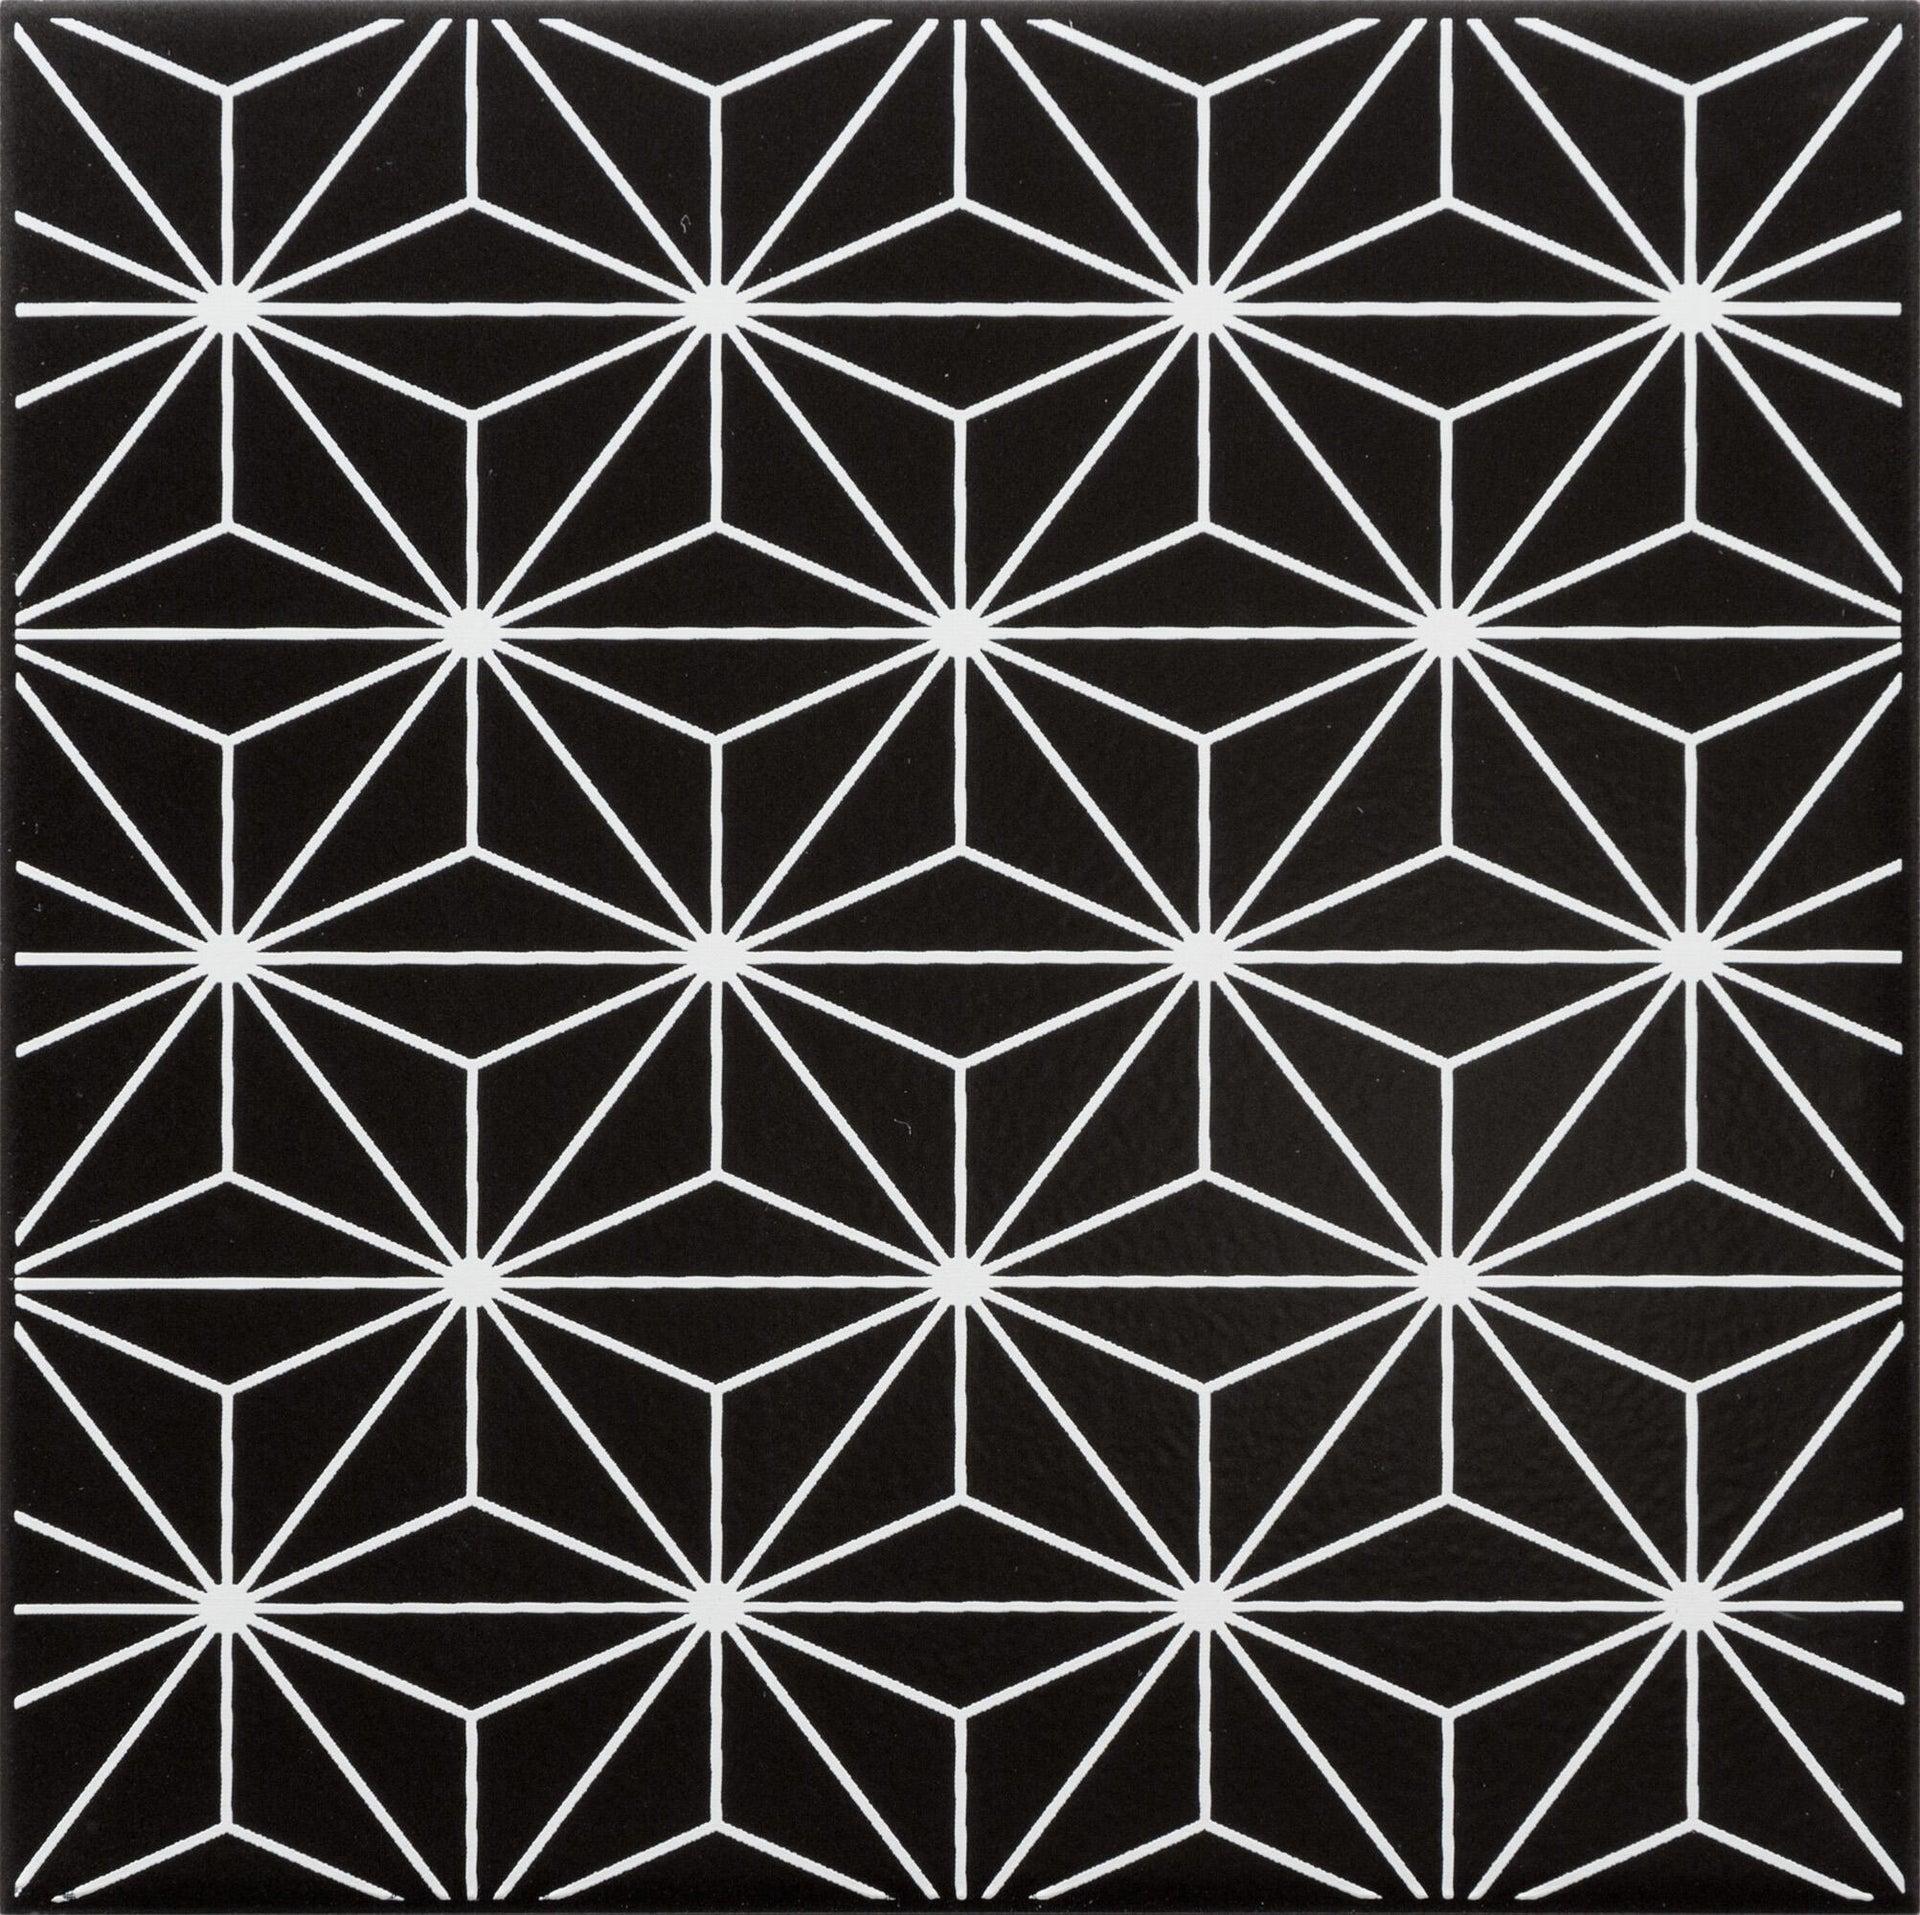 Piastrella decorativa Astuce 20 x 20 cm sp. 6.5 mm nero - 7